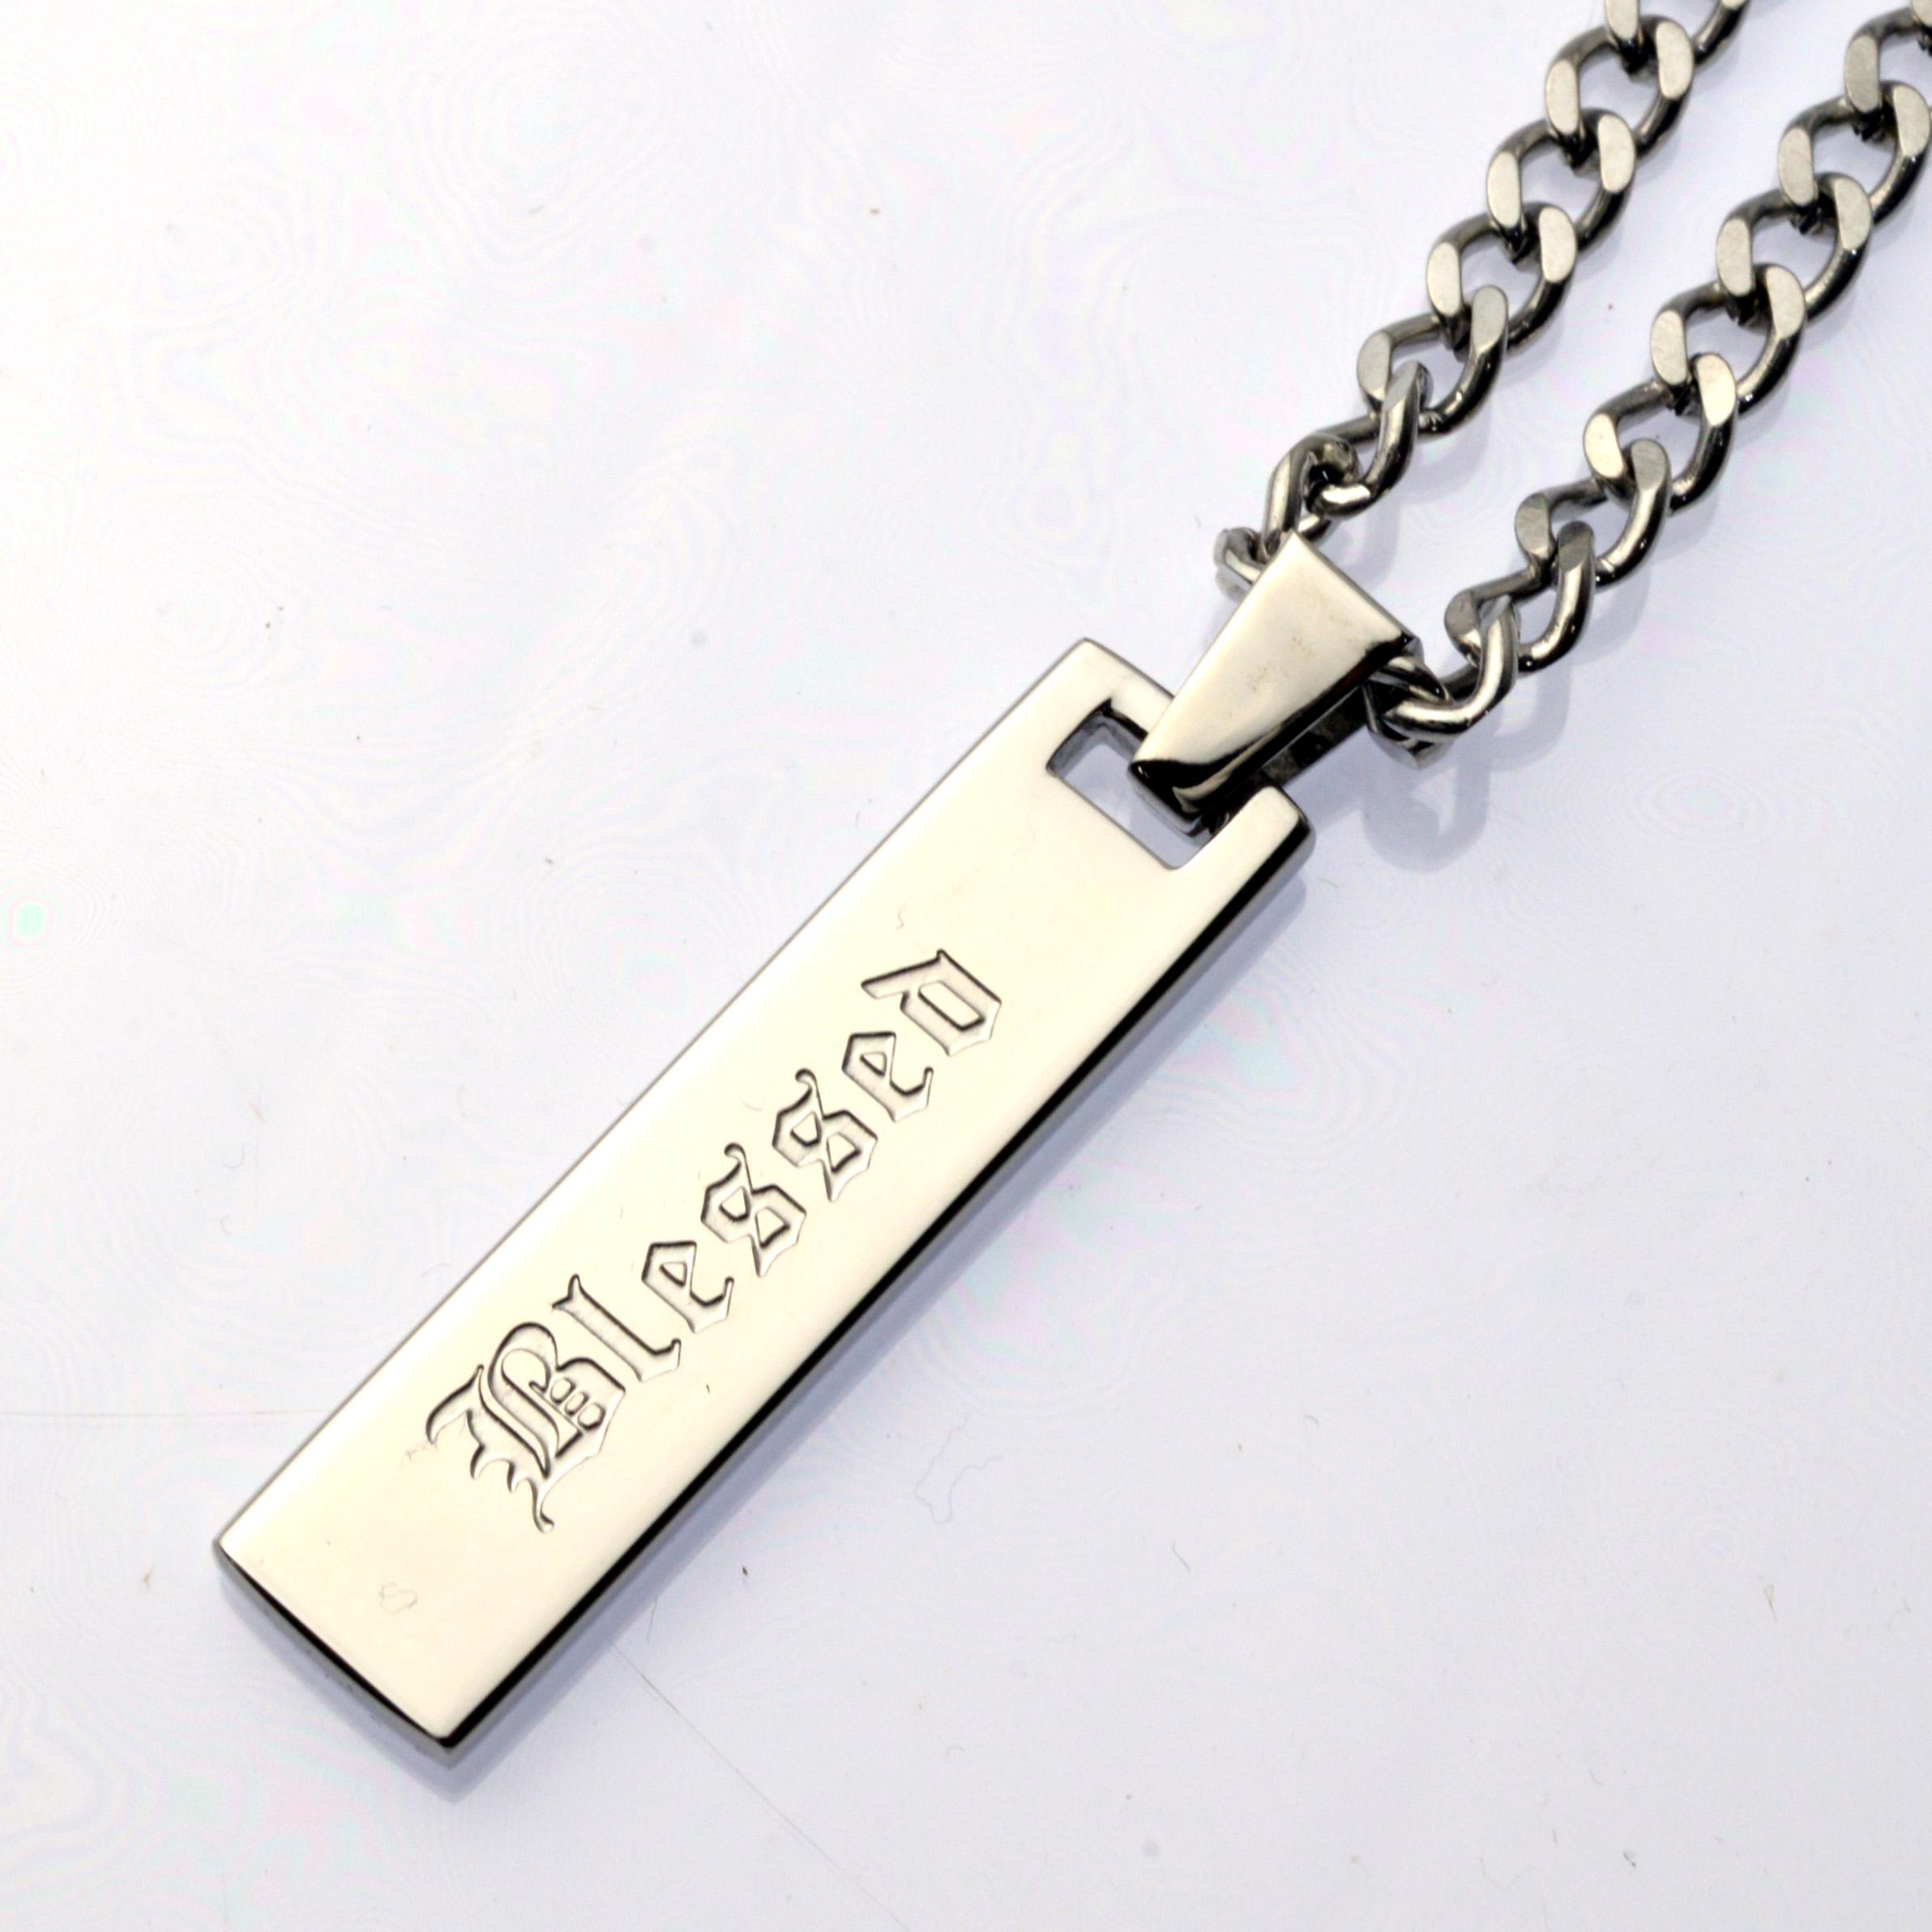 http://www.police.ne.jp/images/Police_necklace_vertical-sl-00.jpg